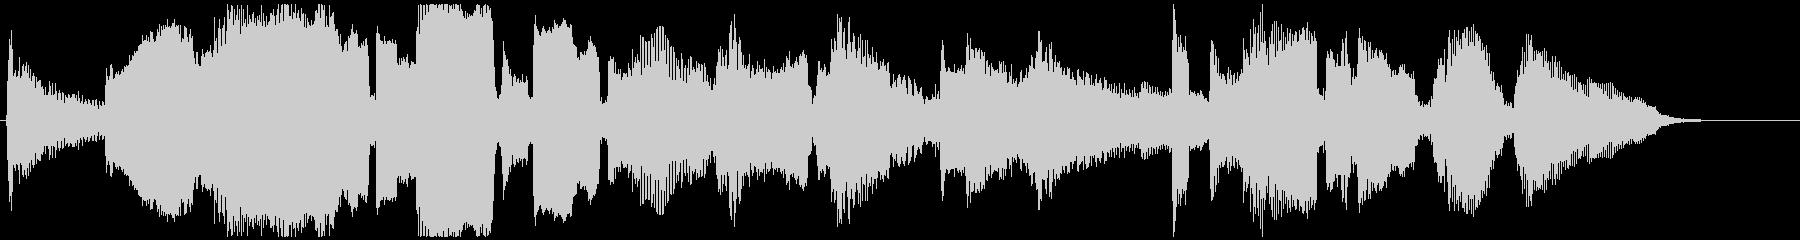 CM向け15秒ジャズ■大人な長調バラードの未再生の波形